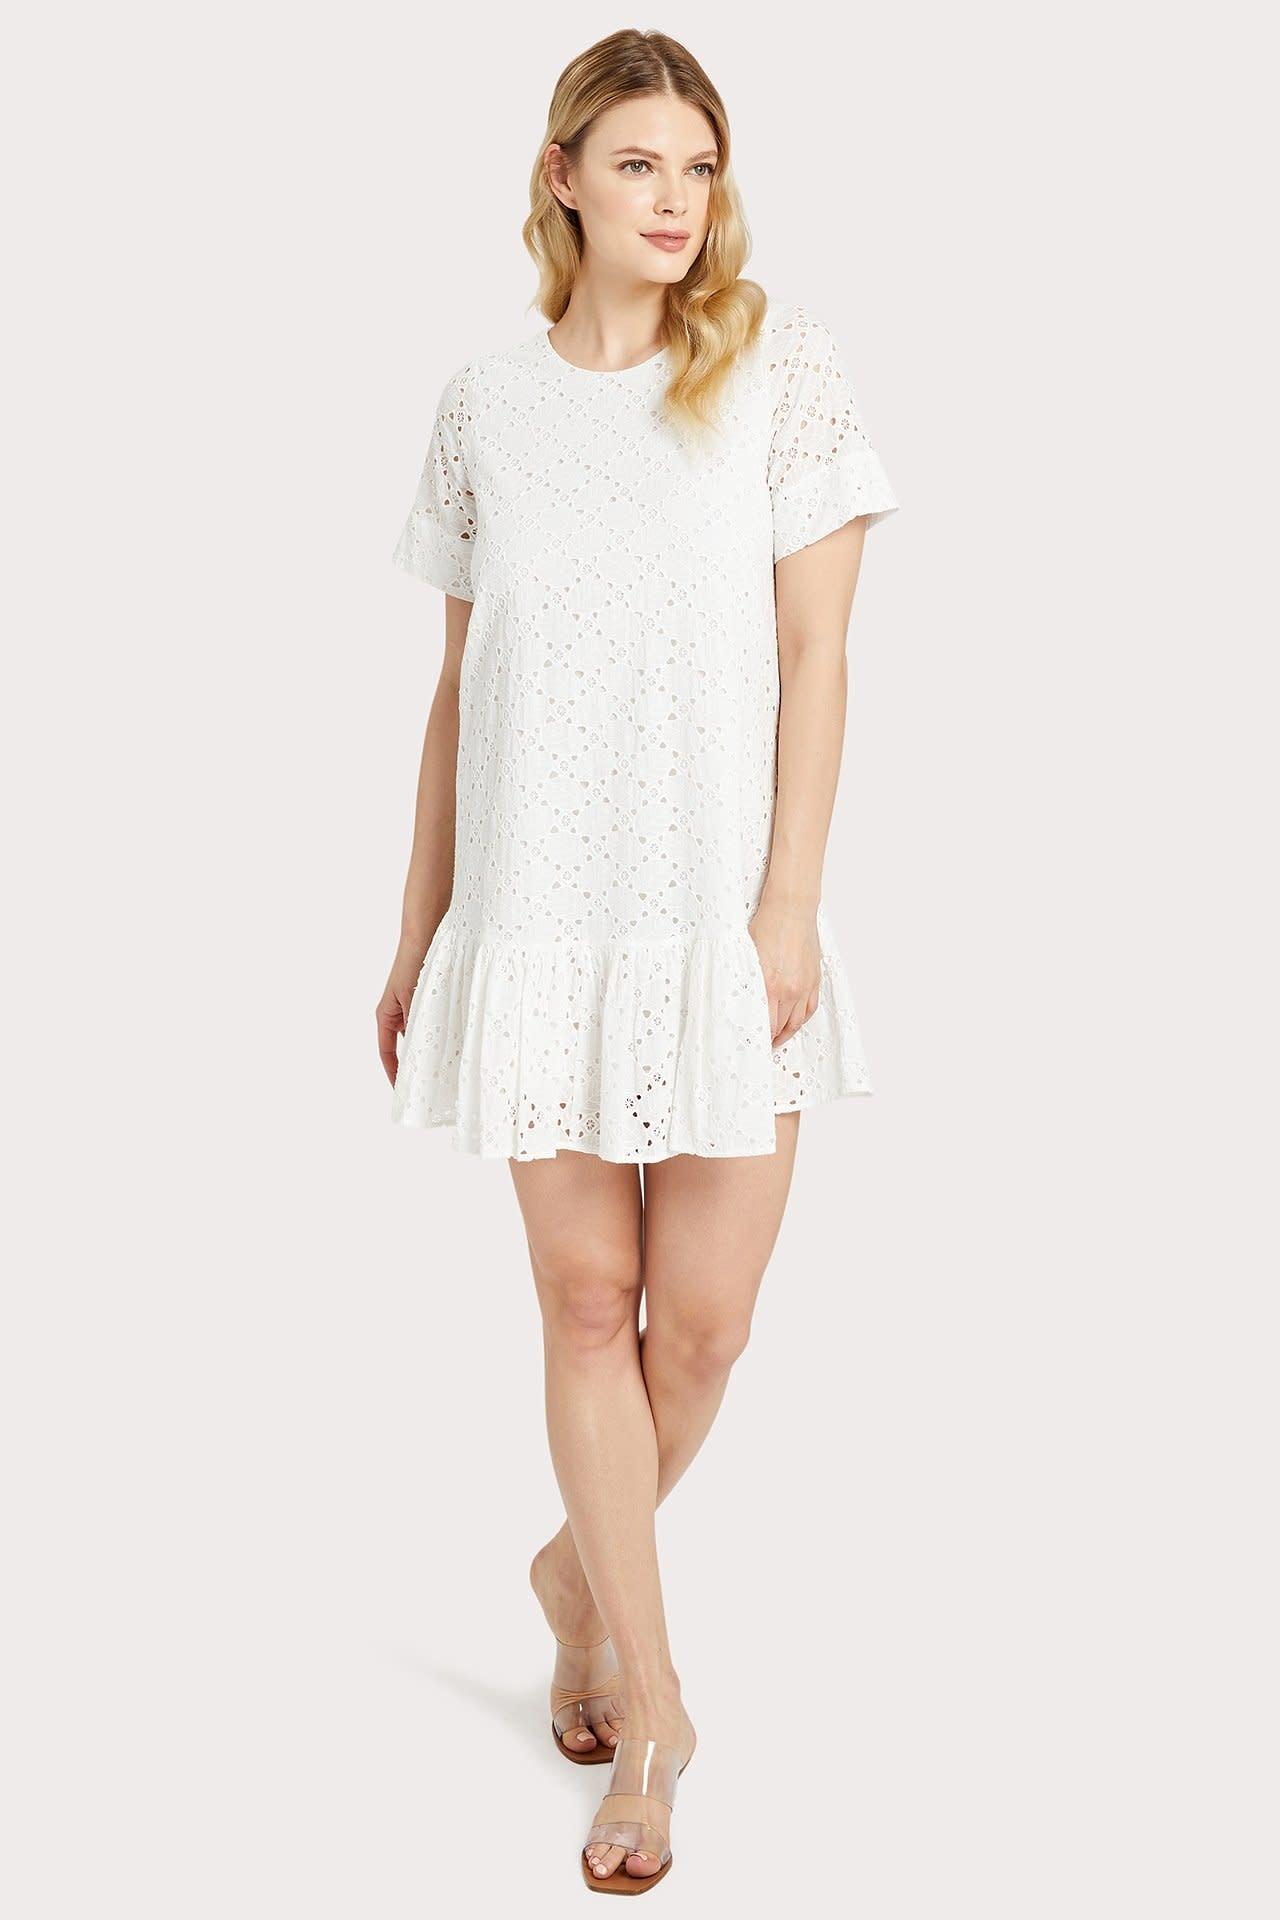 Milly Cece Eyelet Dress